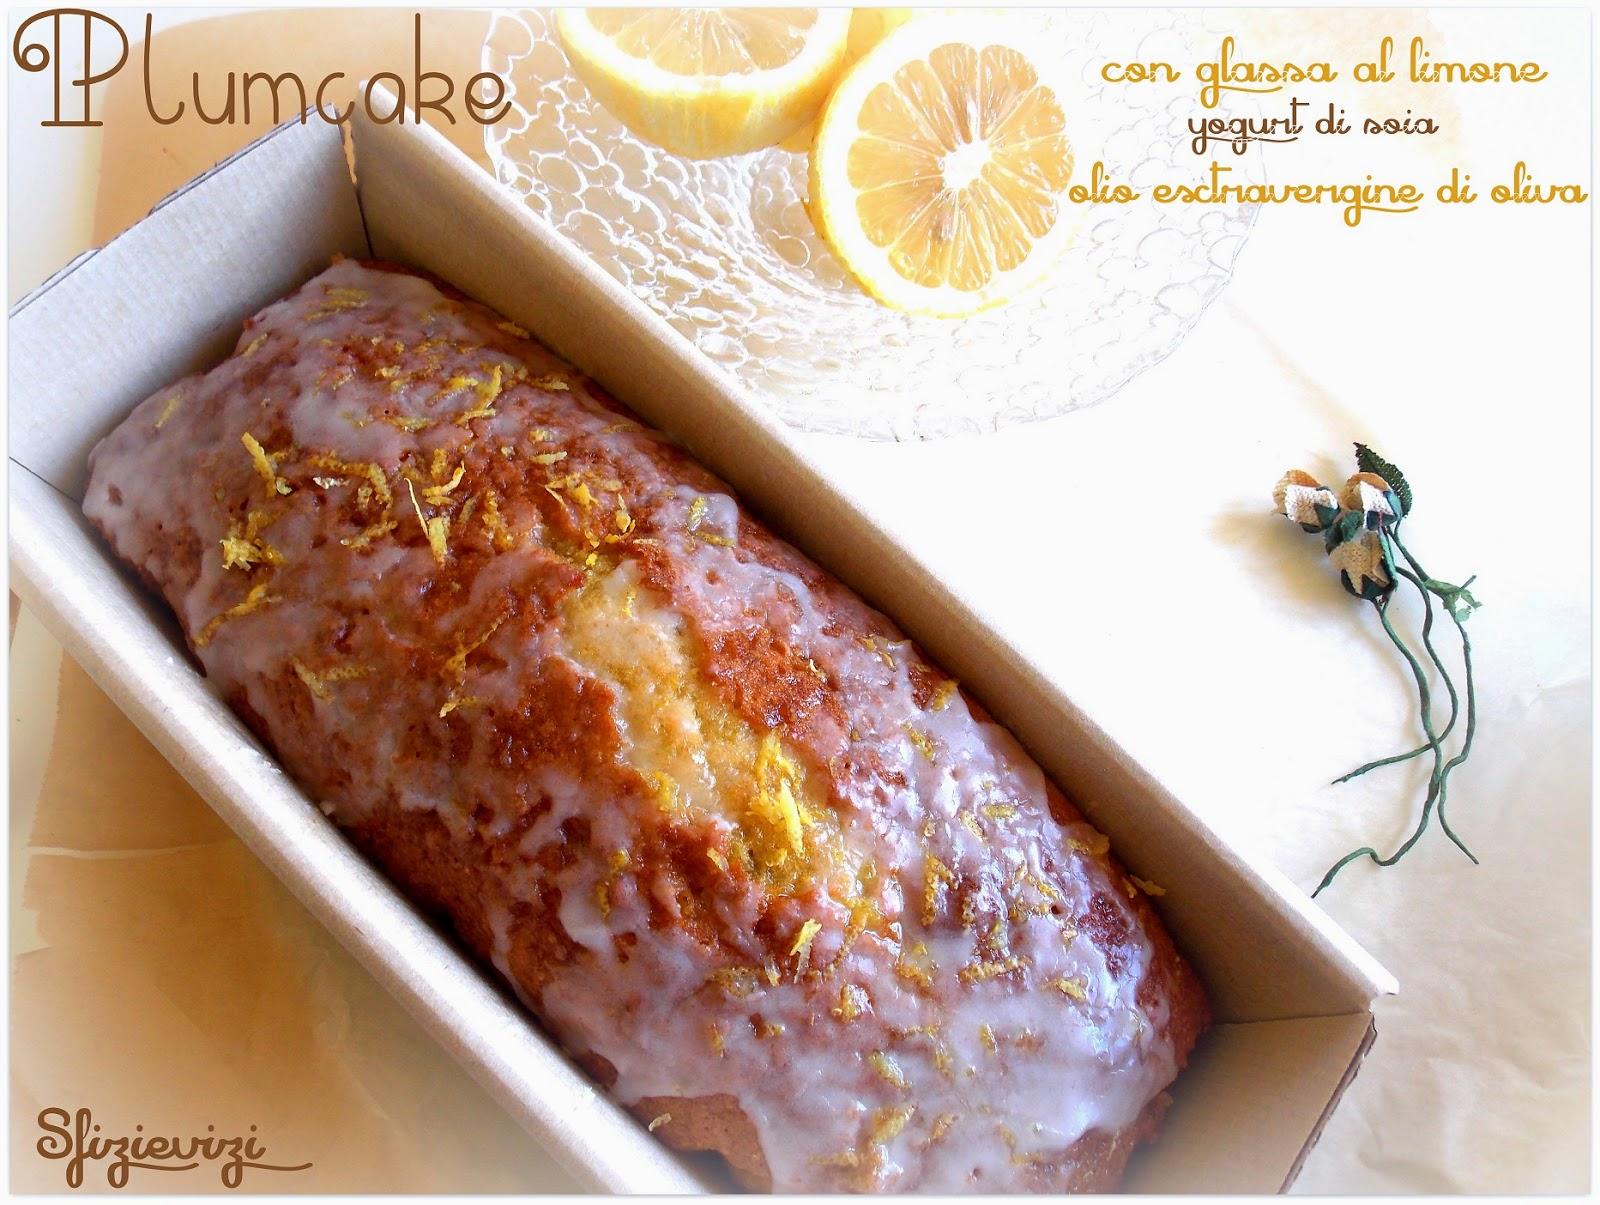 plumcake al limone con olio evo, yogurt di soia e glassa al limone - ricetta senza latticini e senza lievito -